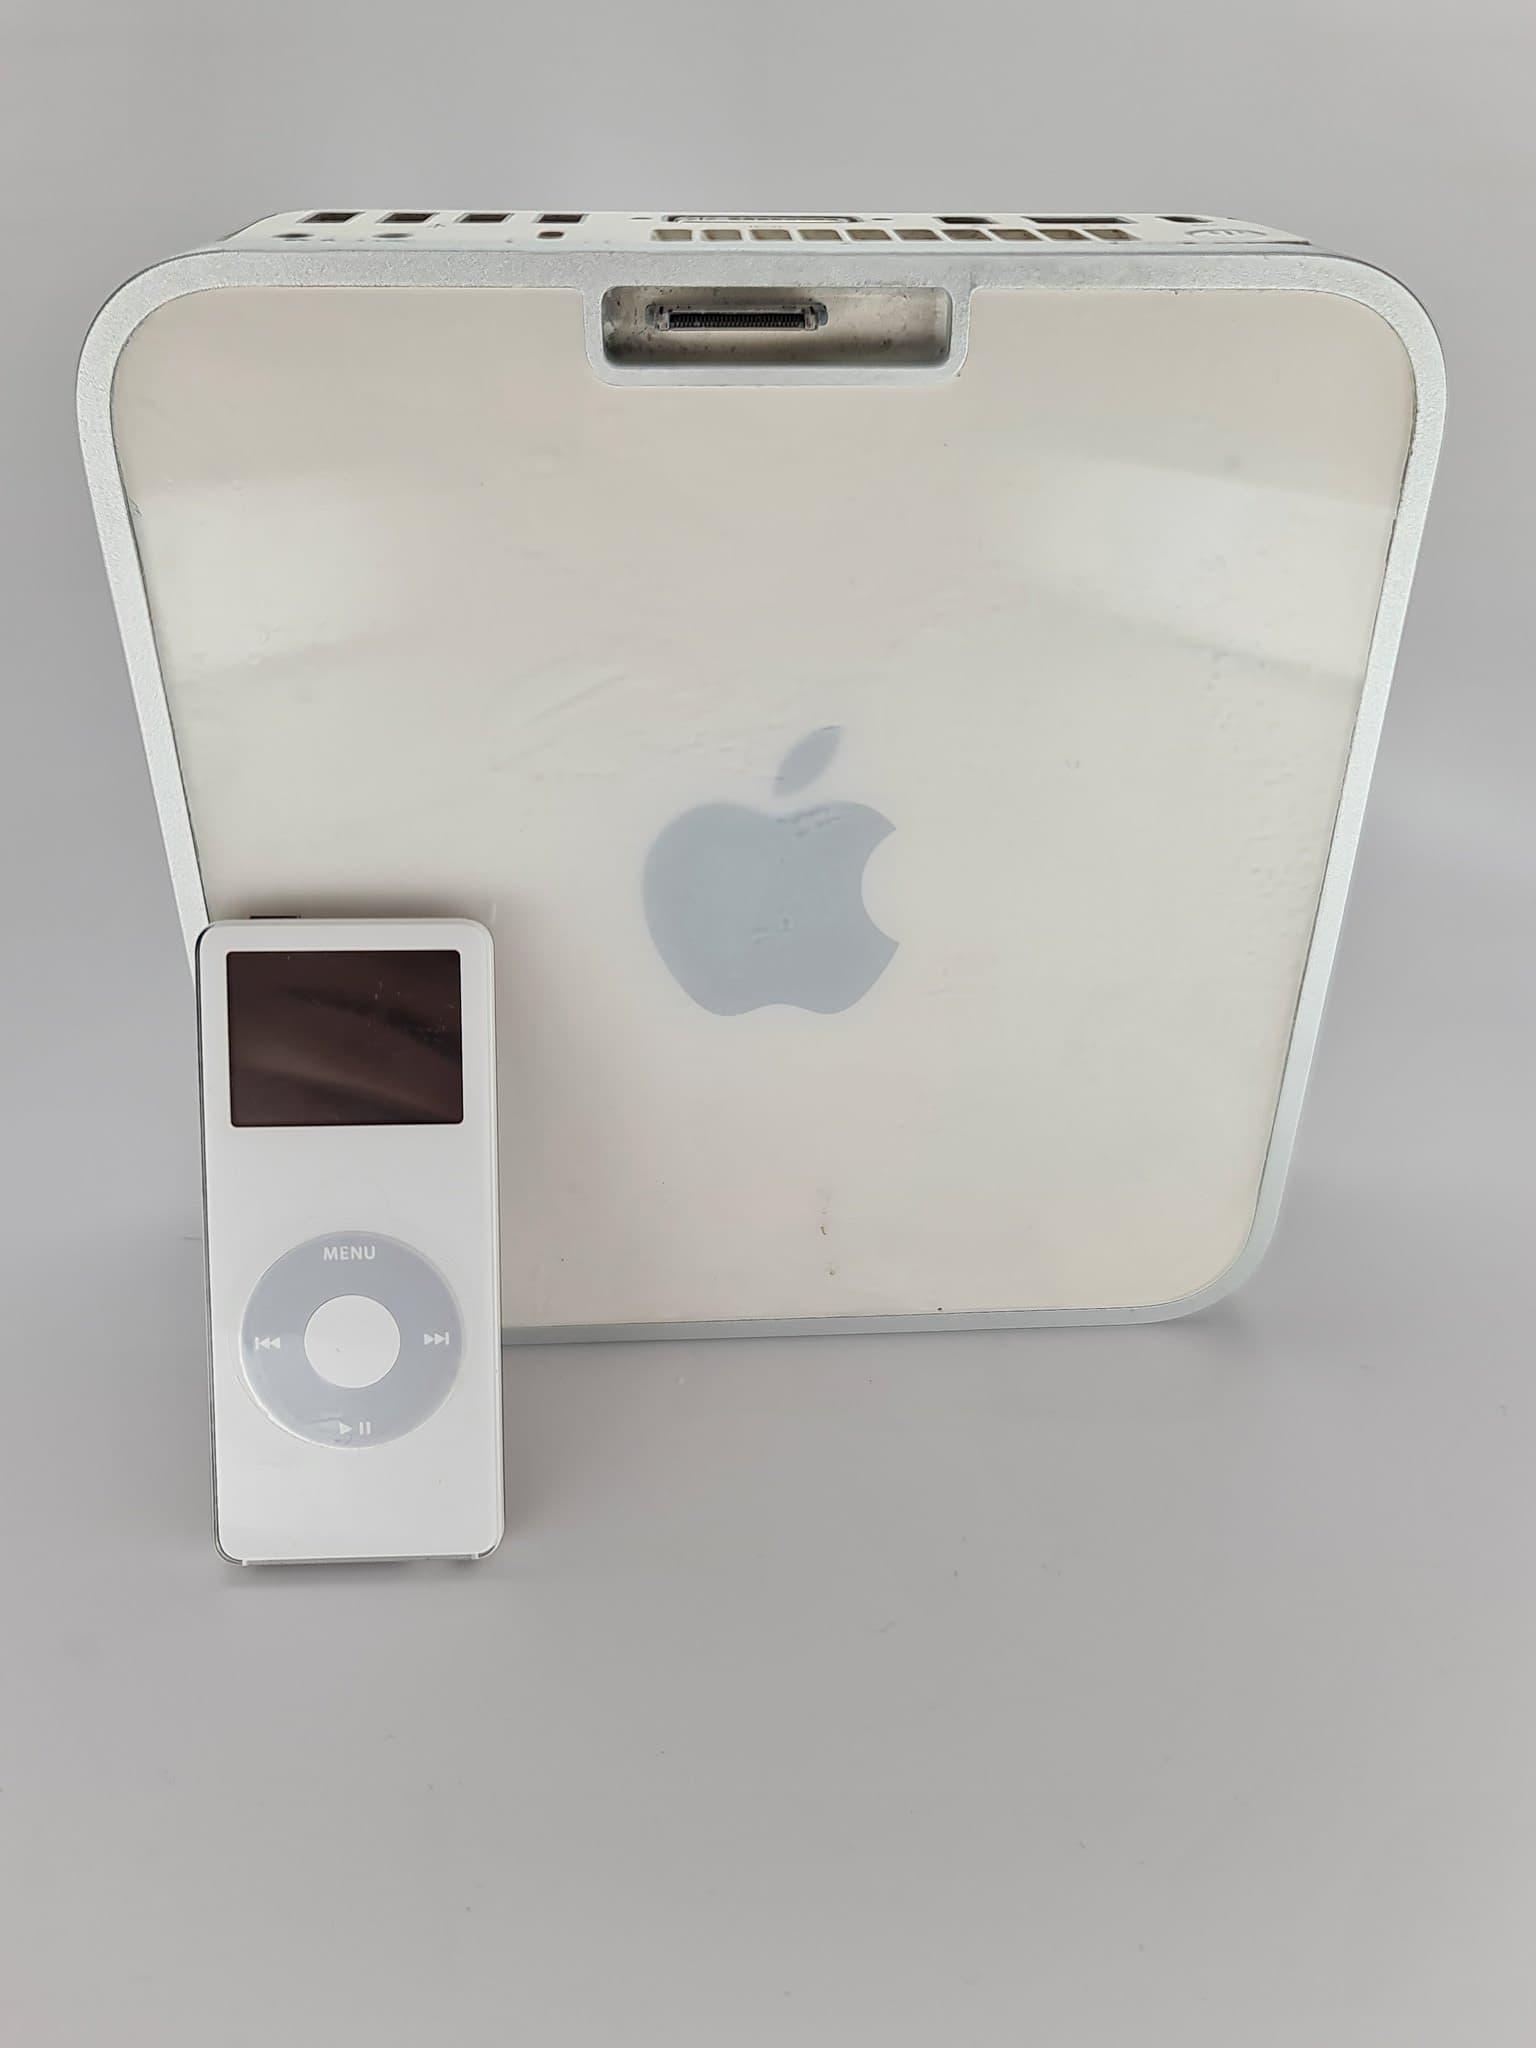 蘋果Mac Mini 原型機現身網路,最初竟是iPod nano 音箱